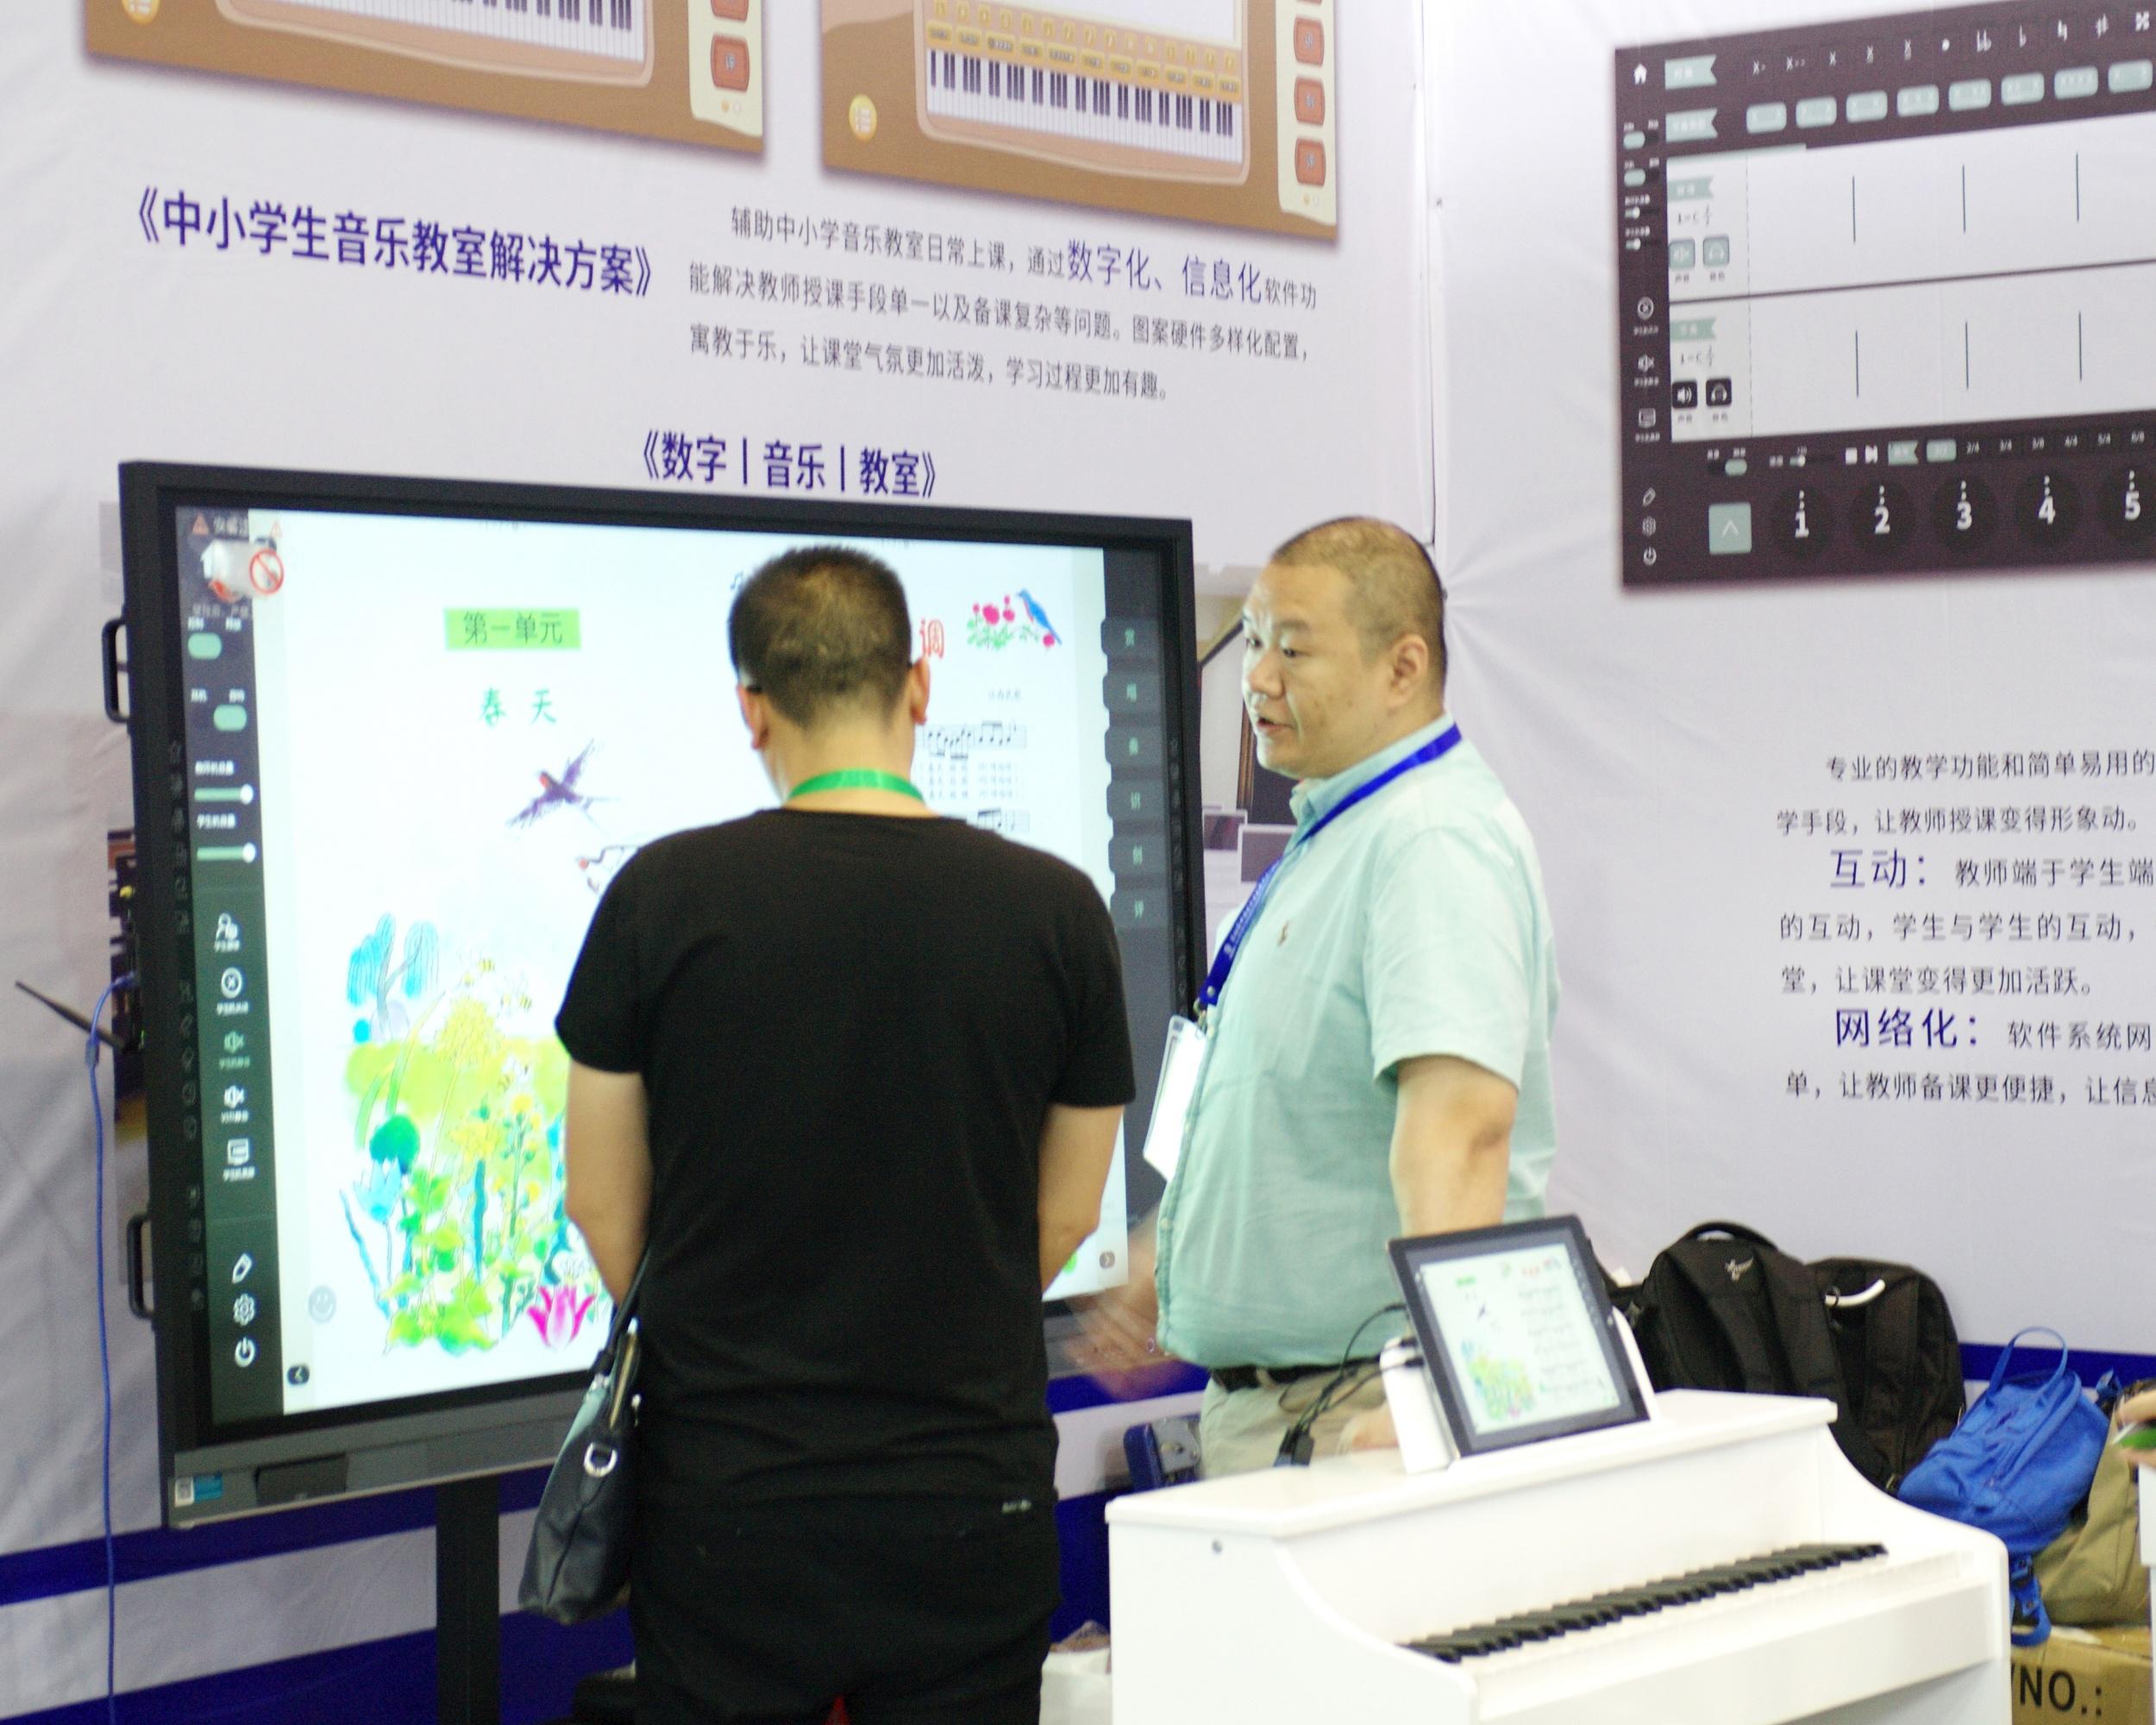 上海藝埠教育科技有限公司亮相第7...